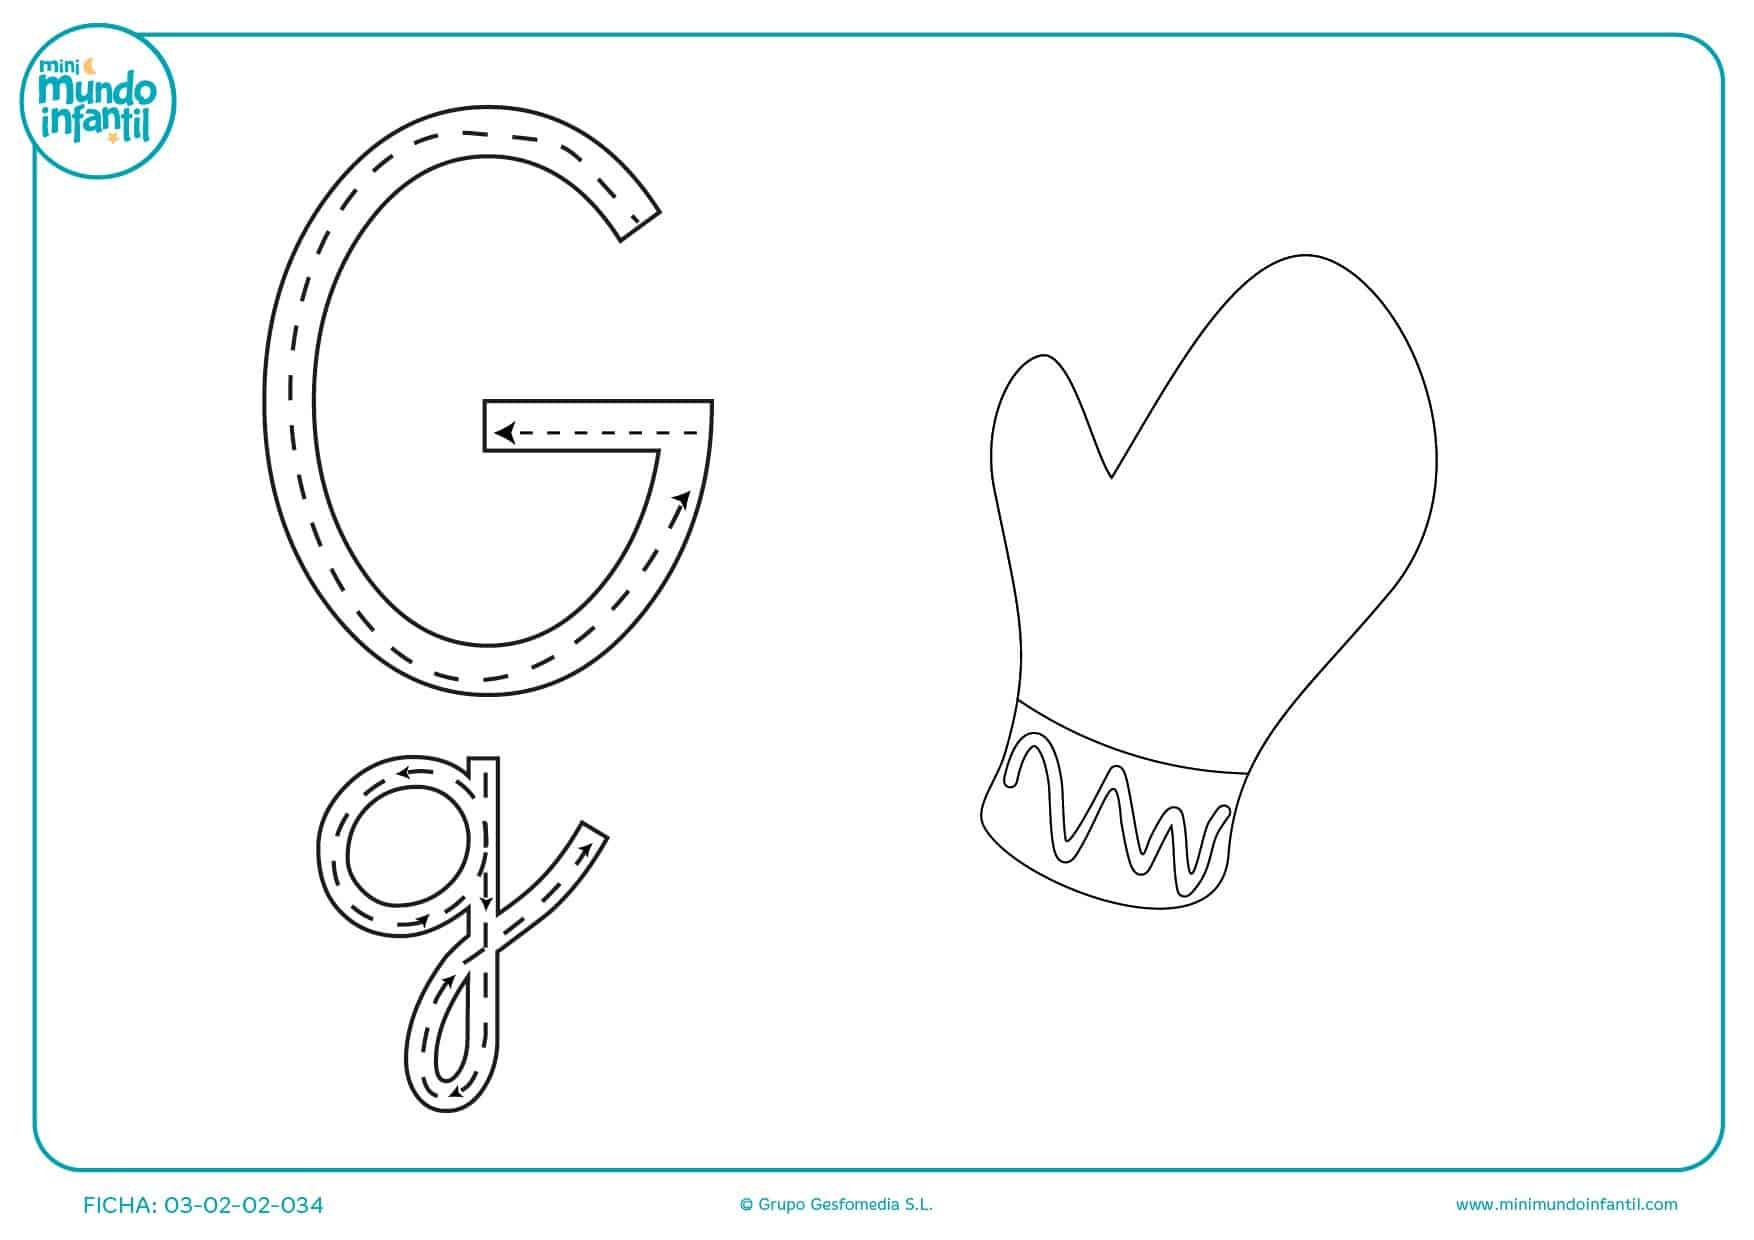 Aprender la letra G completando su trazado